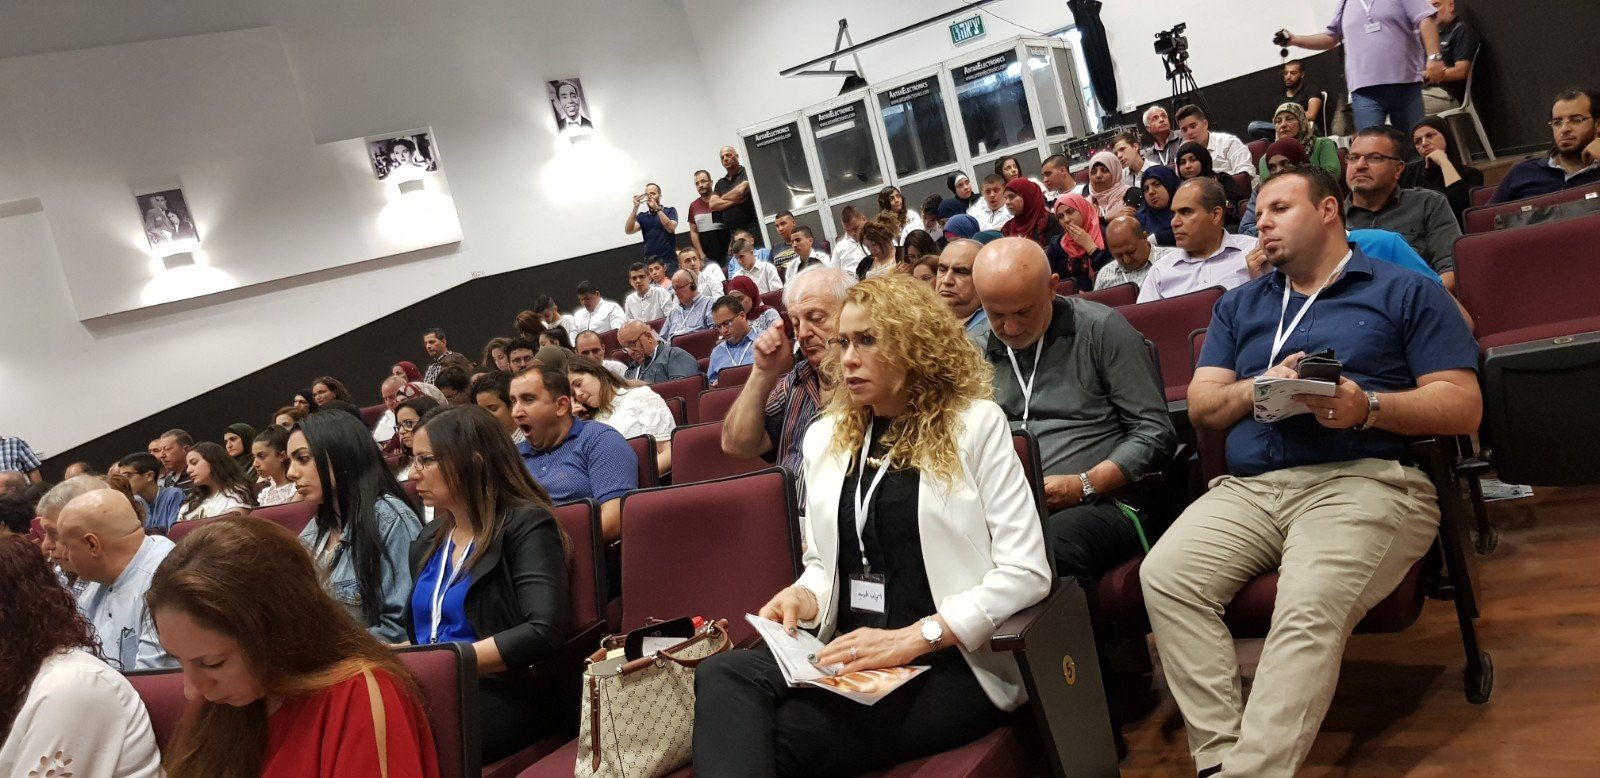 افتتاح مهيب  ومشاركة واسعة في مؤتمر القدرات البشرية الثاني بدعوة من المتابعة